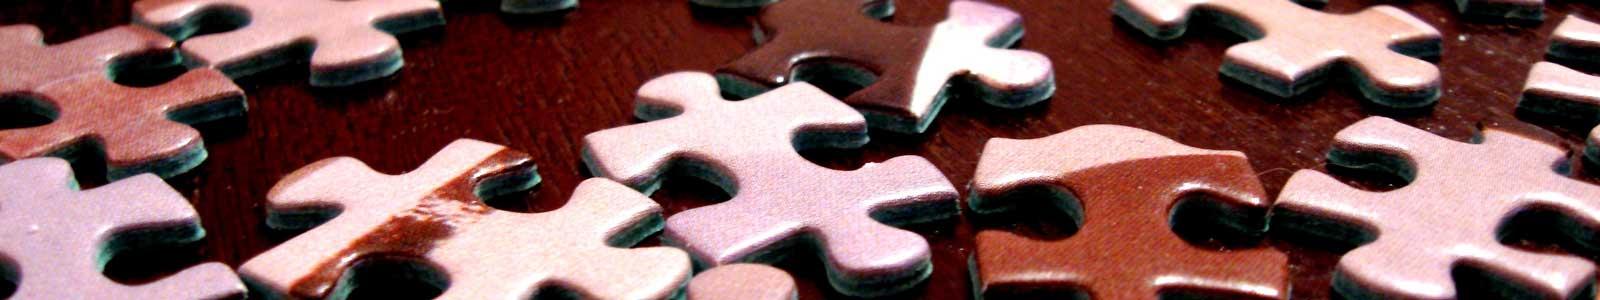 piese de puzzel imprimate cu imaginea ta